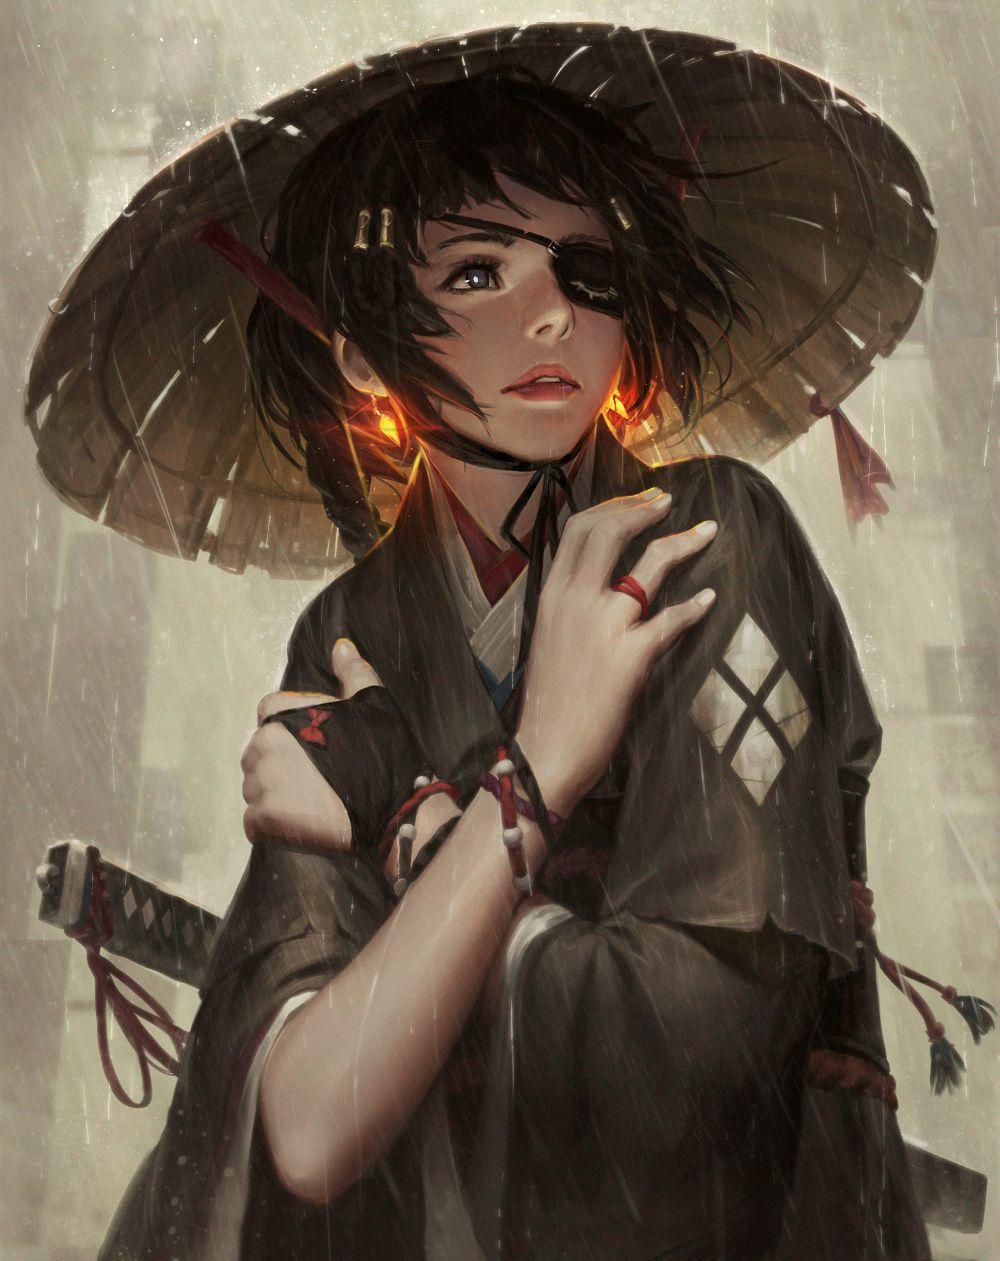 Guweiz X2f X2f Follow Artist On Tumblr Samurai Art Character Art Concept Art Characters